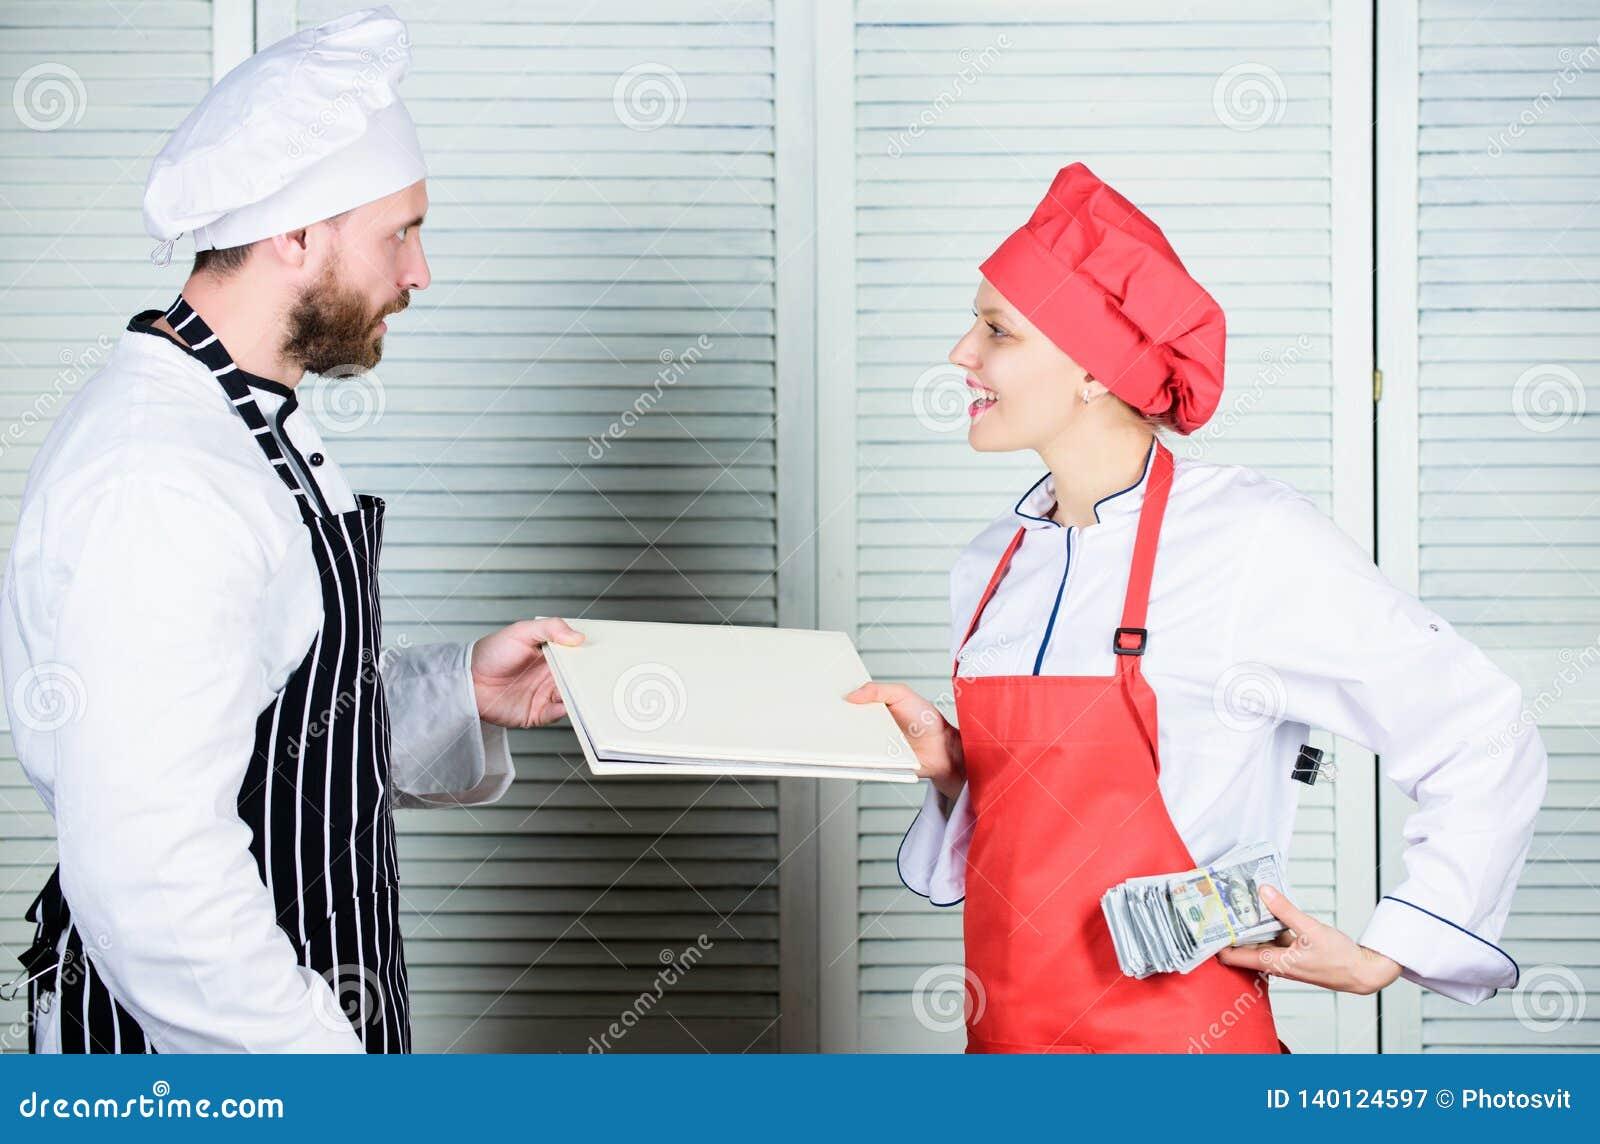 Πληρωμή της αμοιβής Θηλυκός λογιστής με την έκθεση απολογισμού που πληρώνει την αμοιβή χρημάτων Βιβλίο ισορροπίας εστιατορίων Κύρ